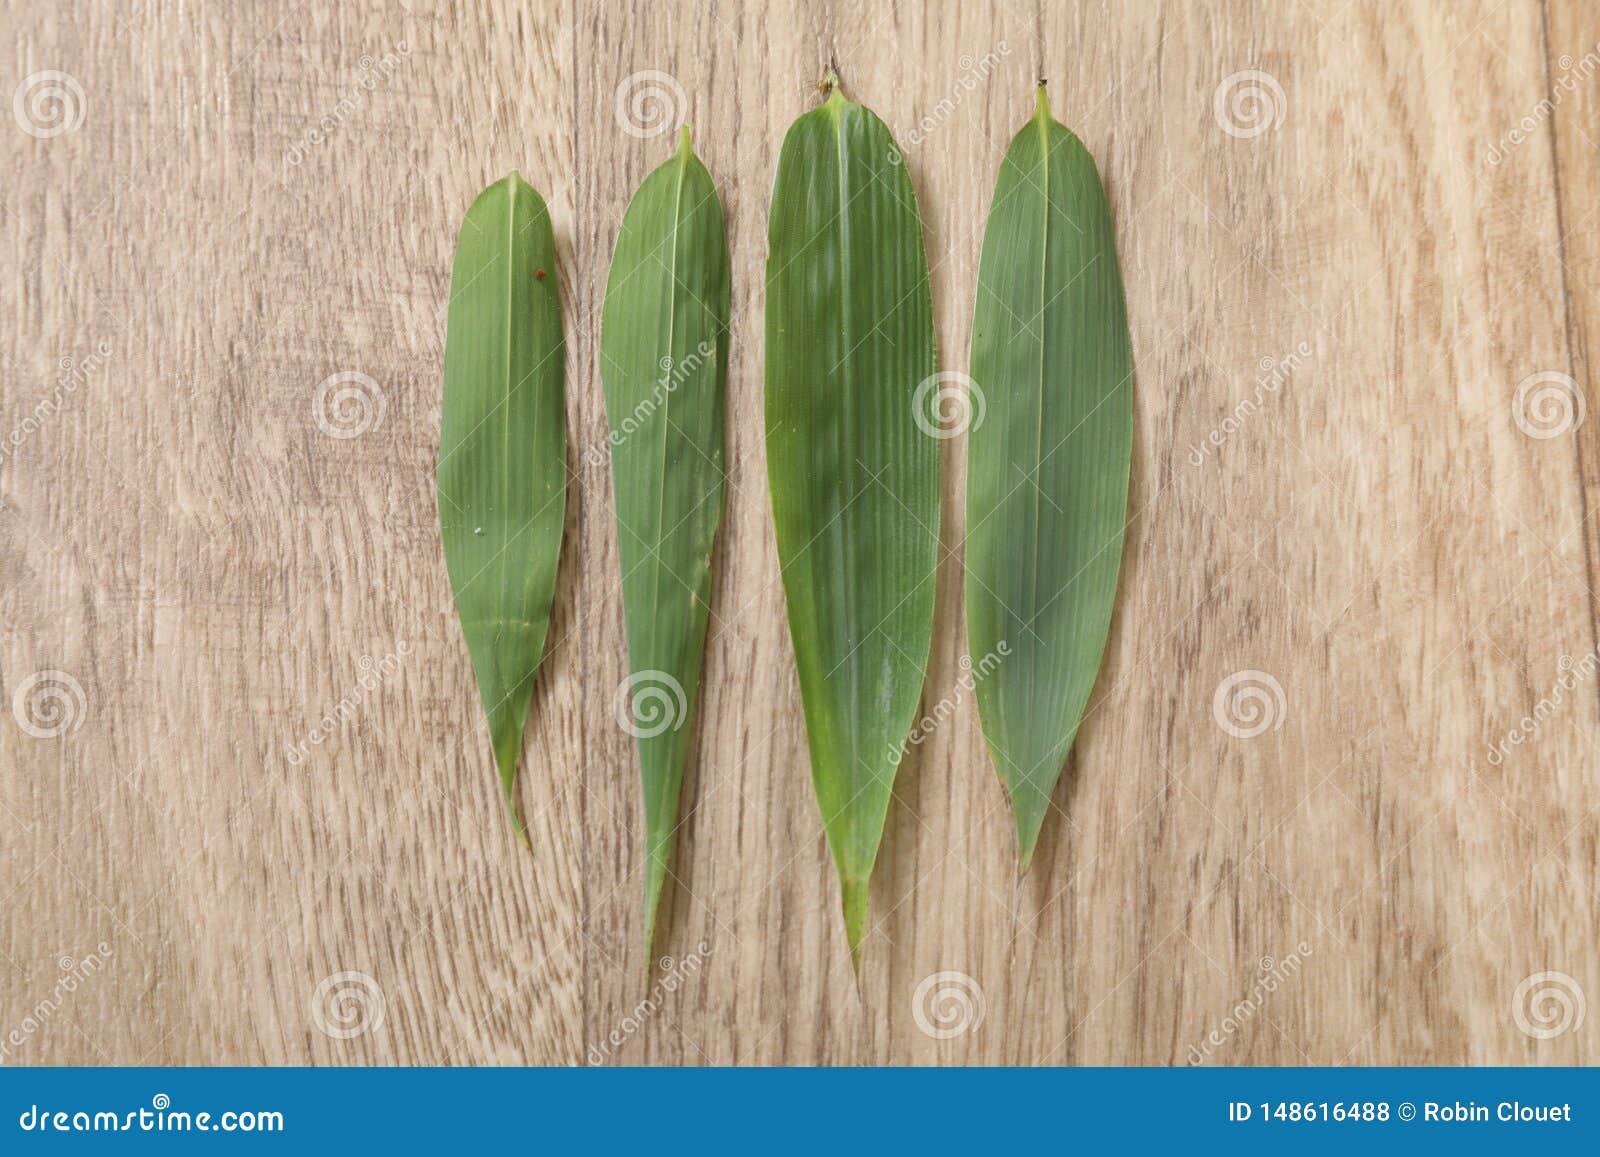 Cztery bambou zielony li?? na drewno stole